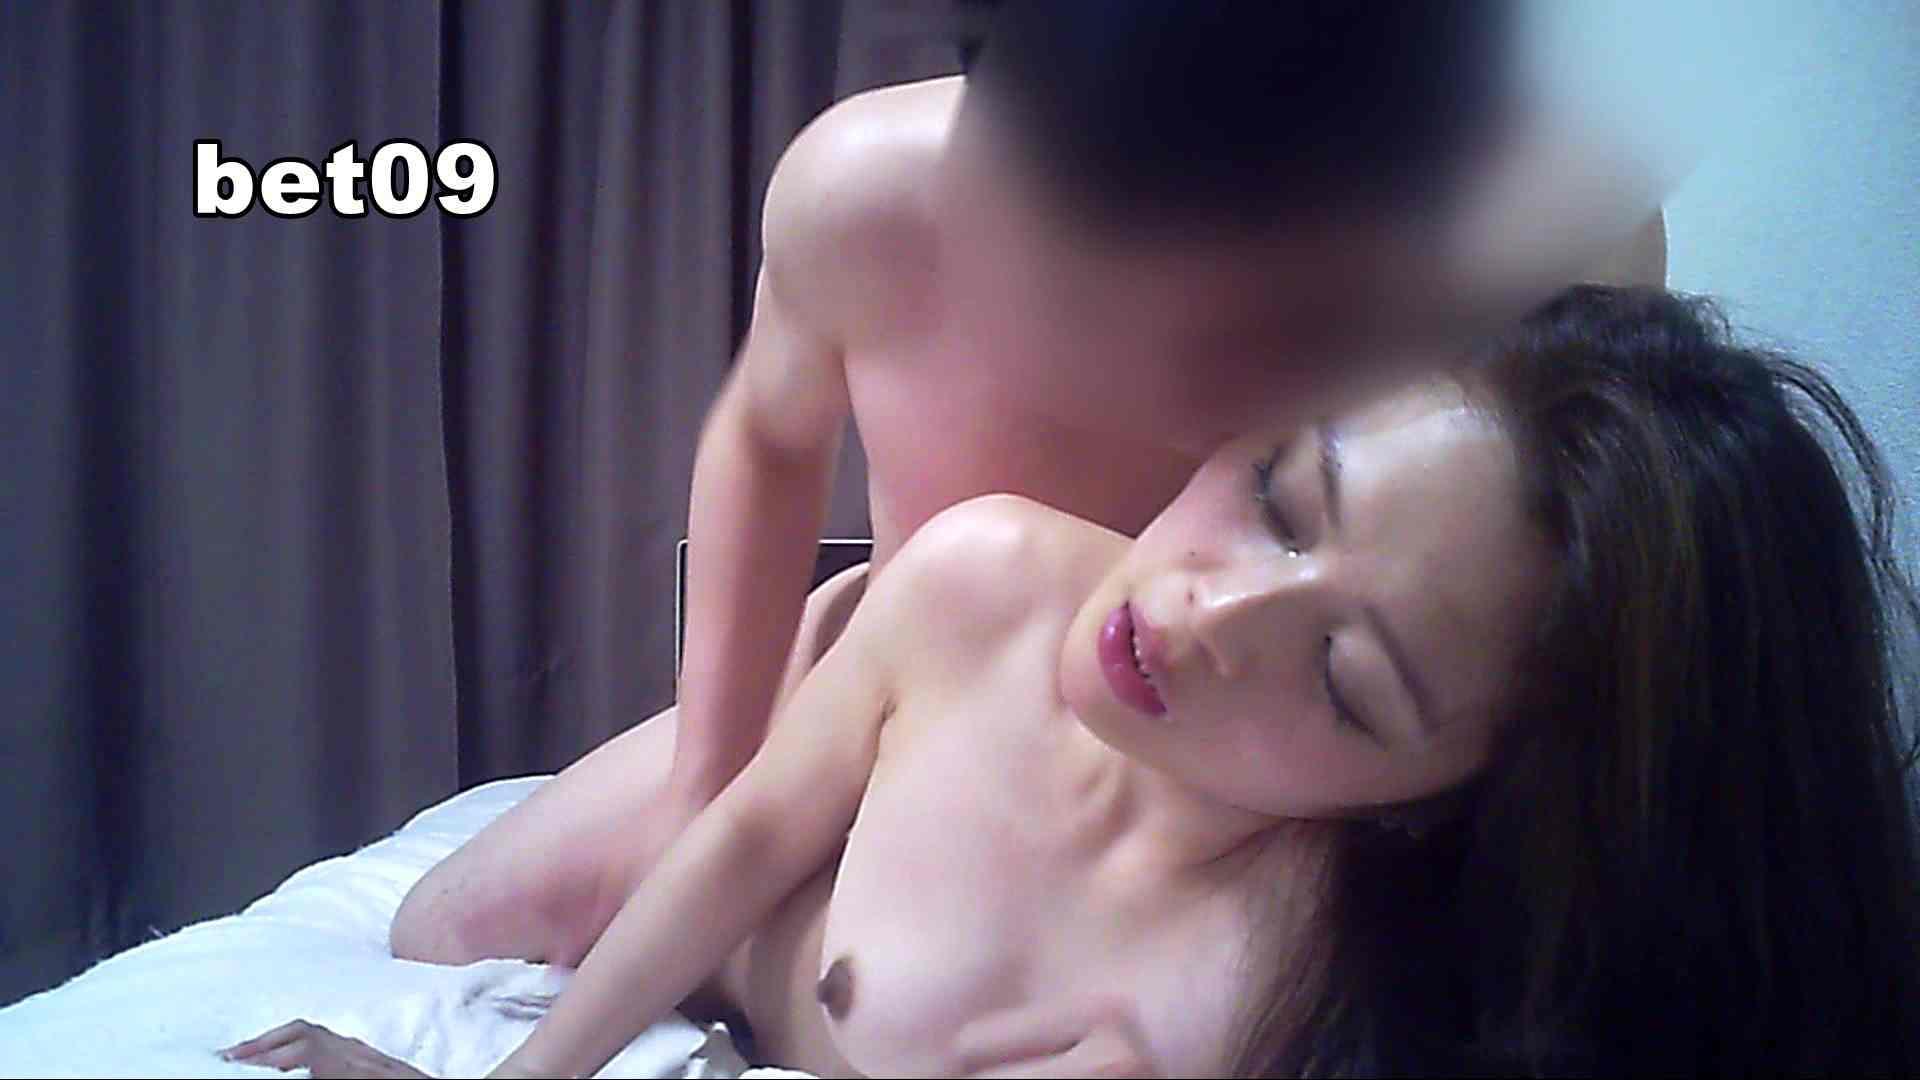 ミキ・大手旅行代理店勤務(24歳・仮名) vol.09 ミキの顔が紅潮してきます セックス AV無料動画キャプチャ 86枚 74